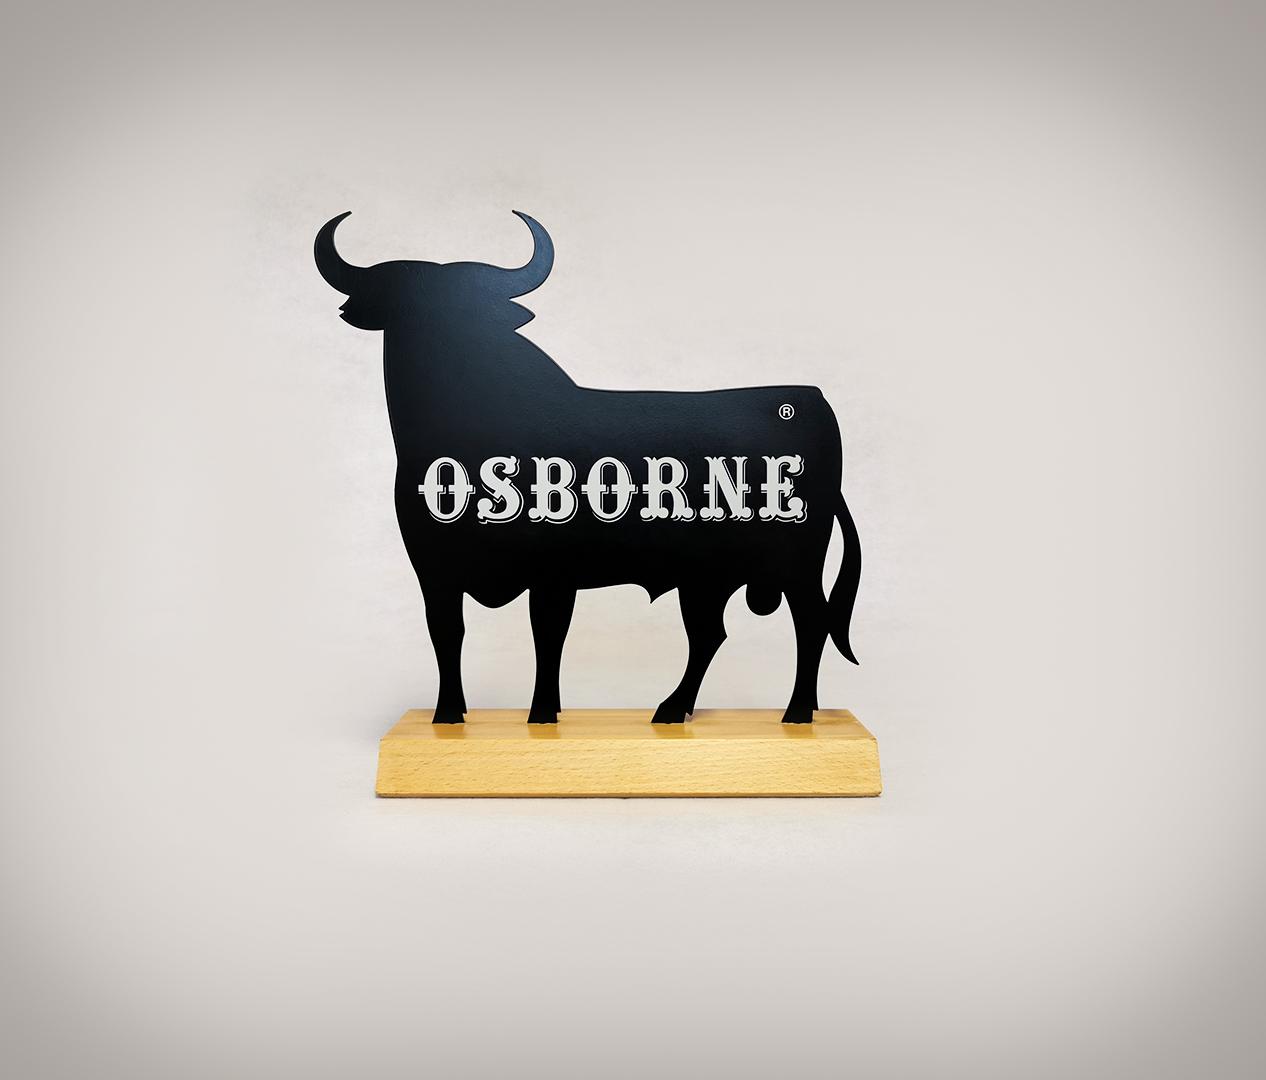 Osborne - Aufsteller - Zweyloeven Werbeproduktion GmbH